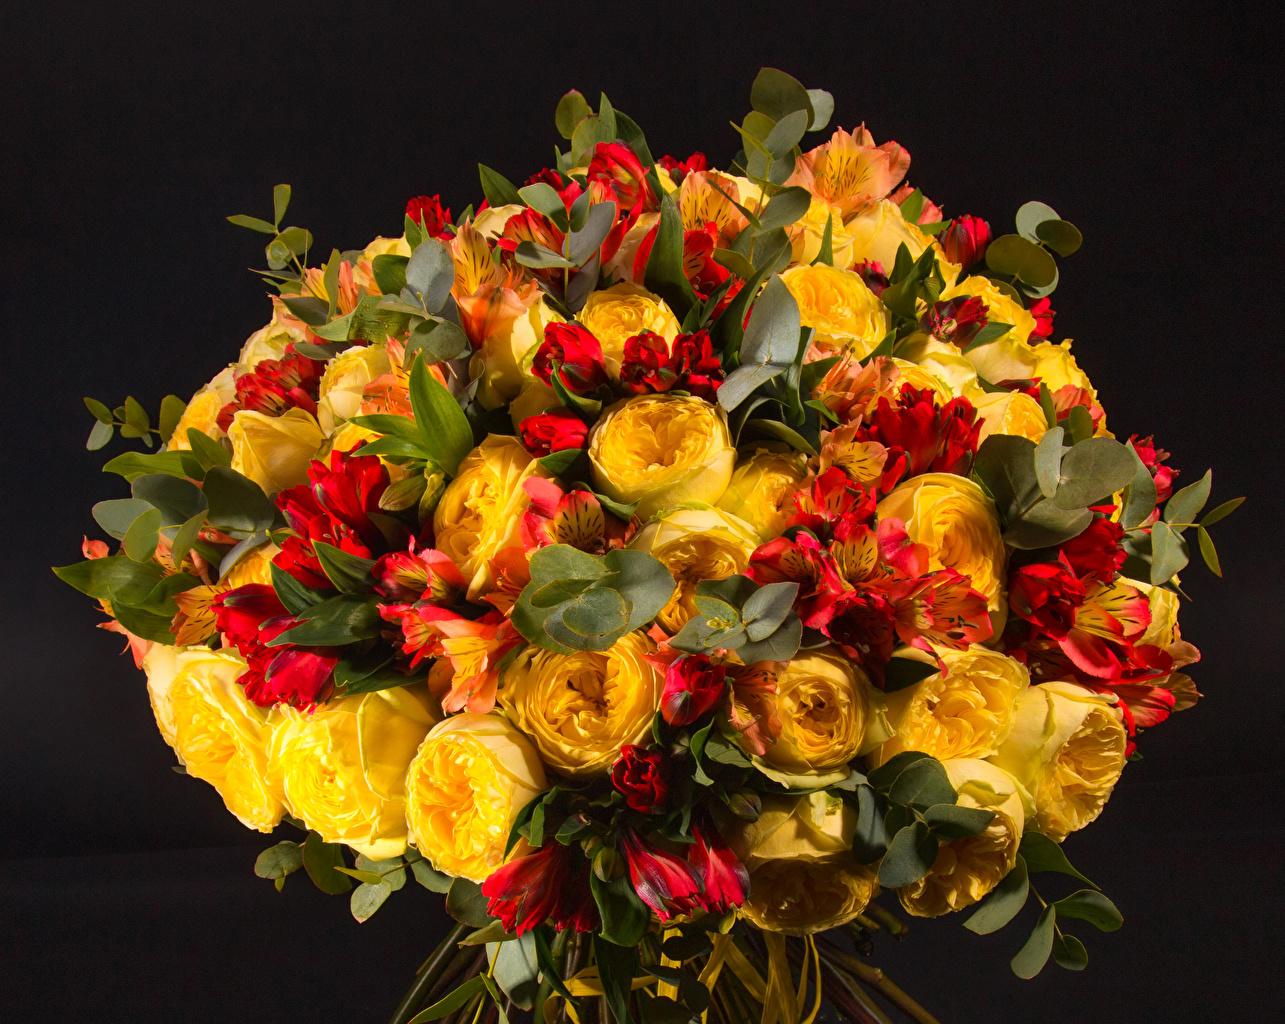 Фото букет пион Цветы Альстрёмерия на черном фоне Букеты Пионы цветок Черный фон